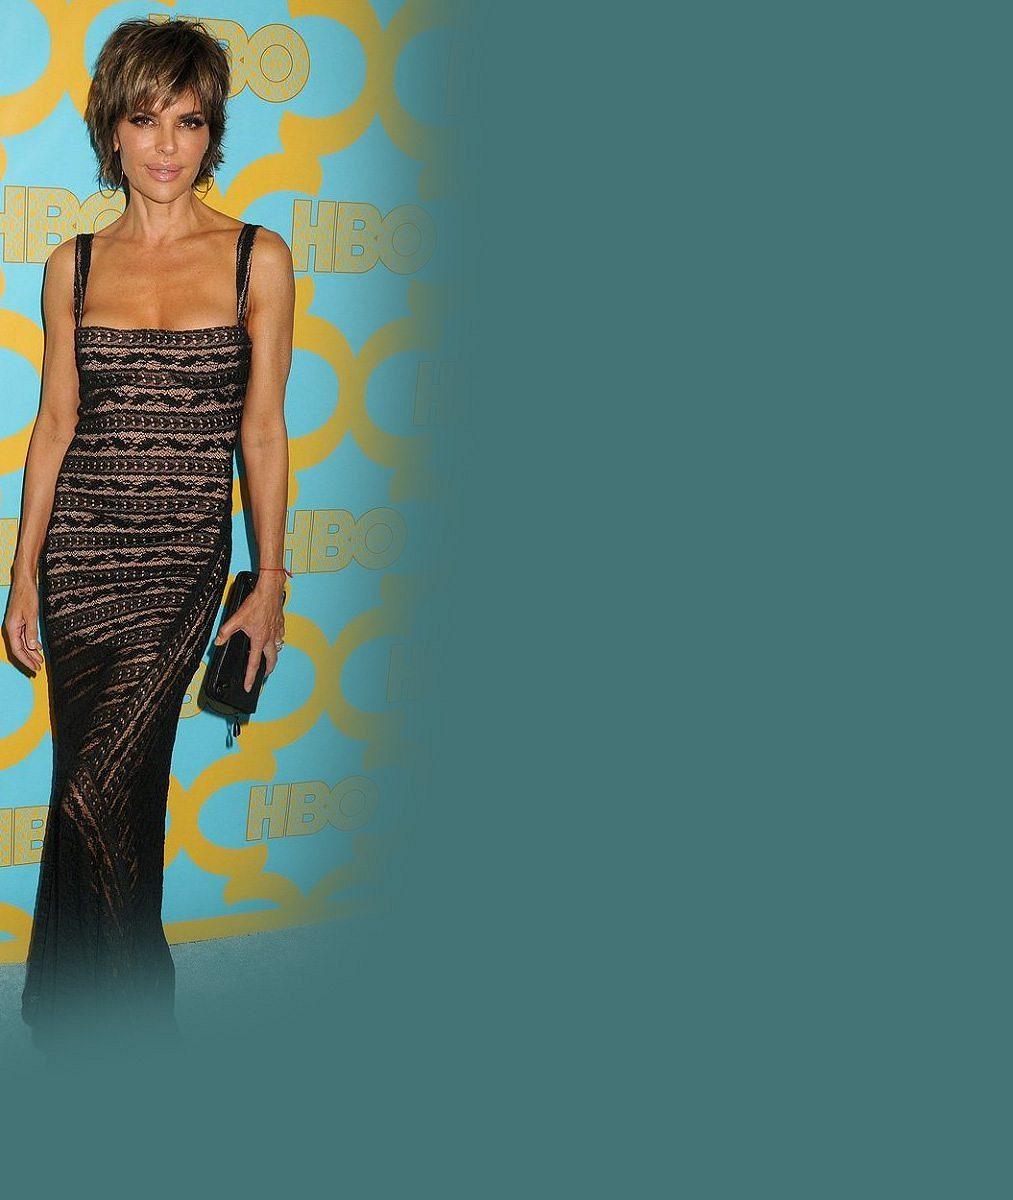 Nepřibrala ani gram: Seriálová hvězda po padesátce oprášila šaty, které jí seknou stejně jako před 10 lety